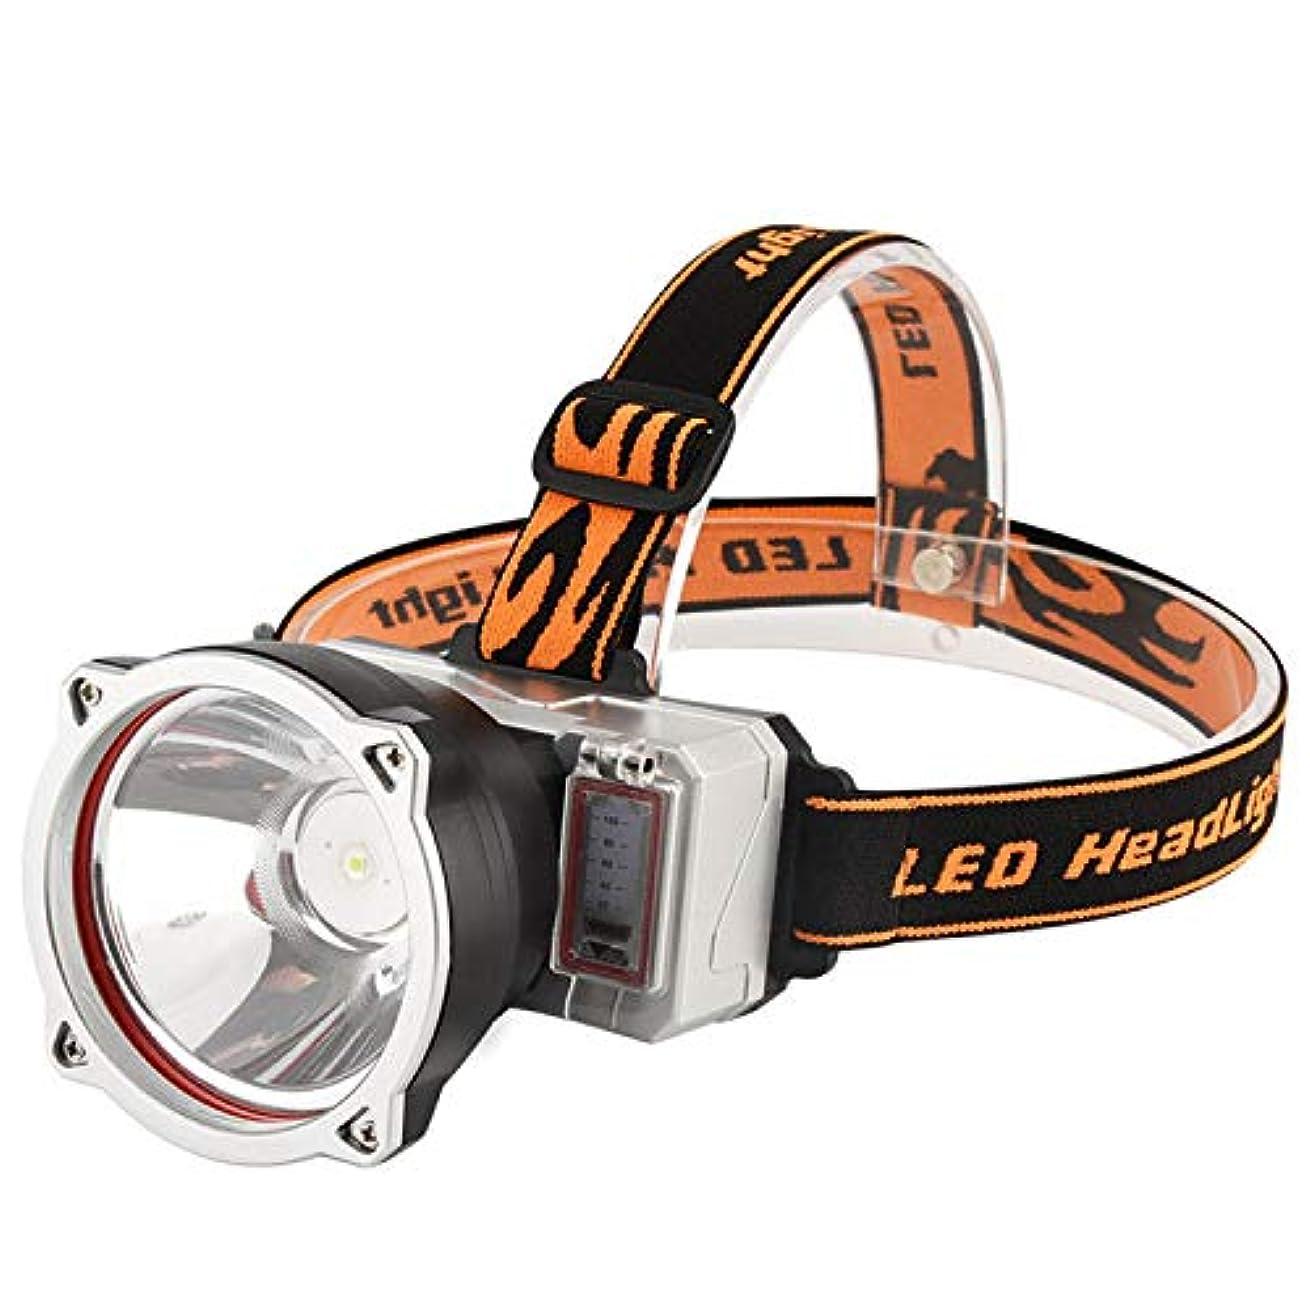 ジャンプする全滅させるトランク強力なヘッドライト、ハイパワー充電、屋外用パワーディスプレイ、白色LEDフィッシングライト